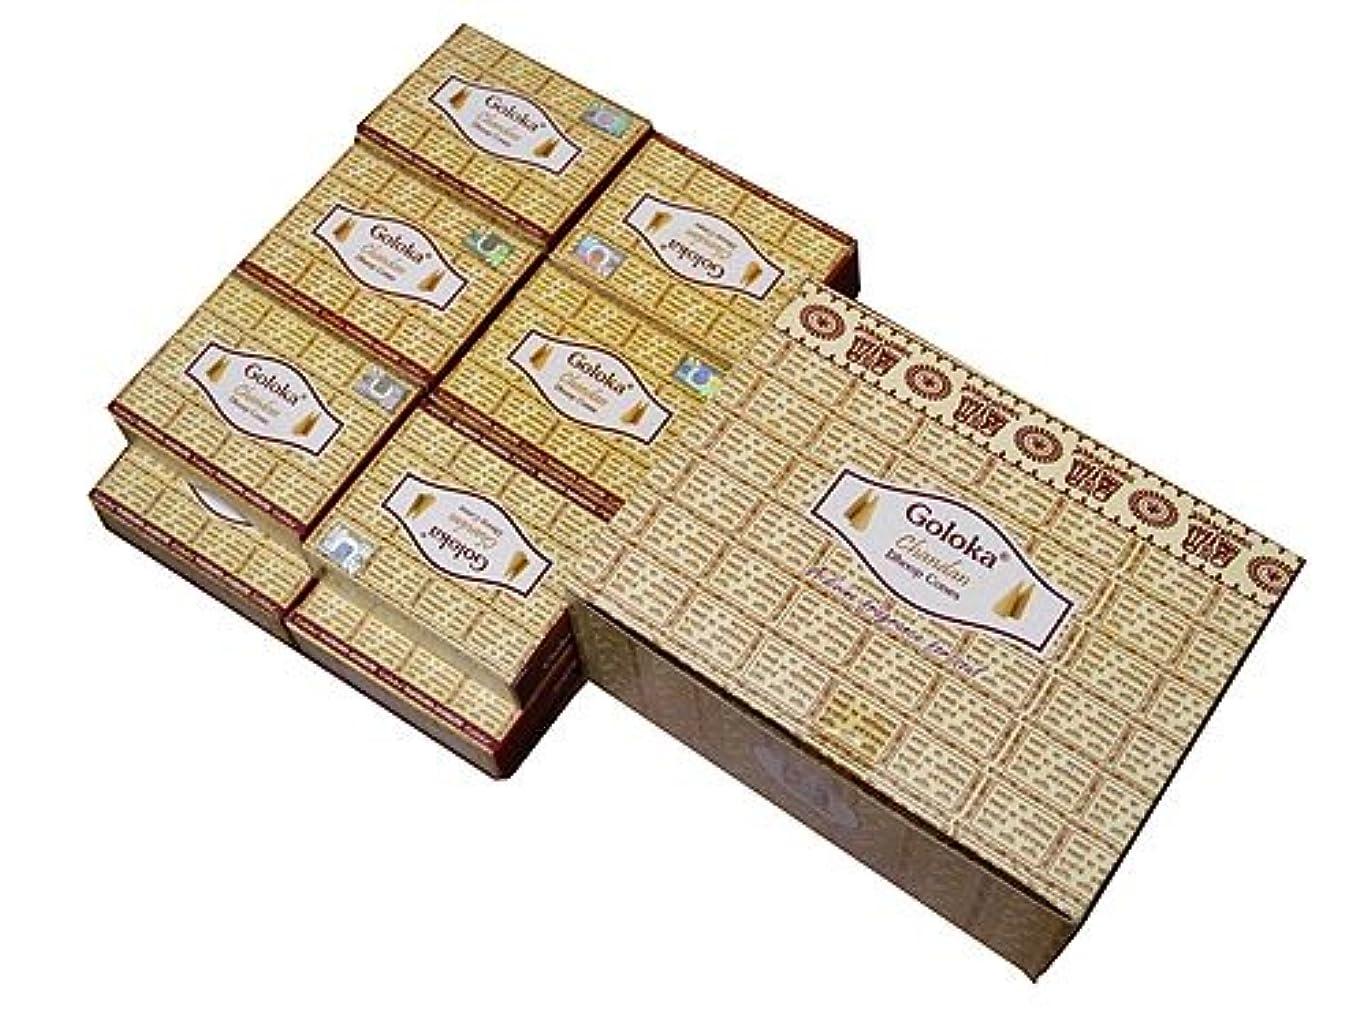 ファイバ日焼けびっくりしたGOLOKA(ゴロカ) ゴロカ チャンダン香 コーンタイプ CHANDAN CORN 12箱セット